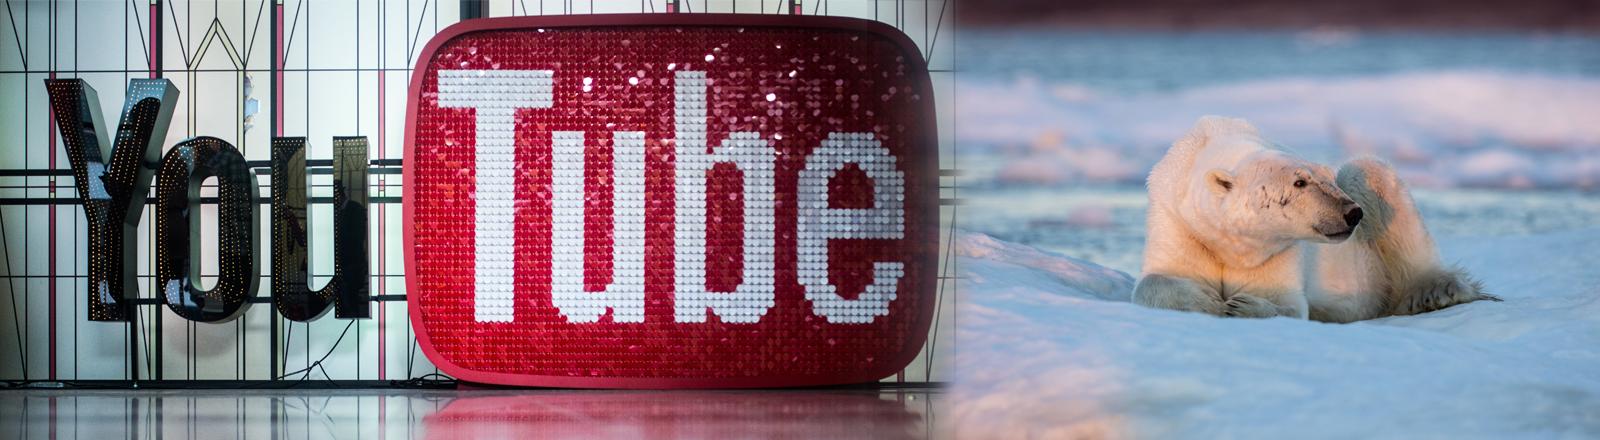 Das Logo von Youtube, davor als Collage ein sehr dünner Eisbär